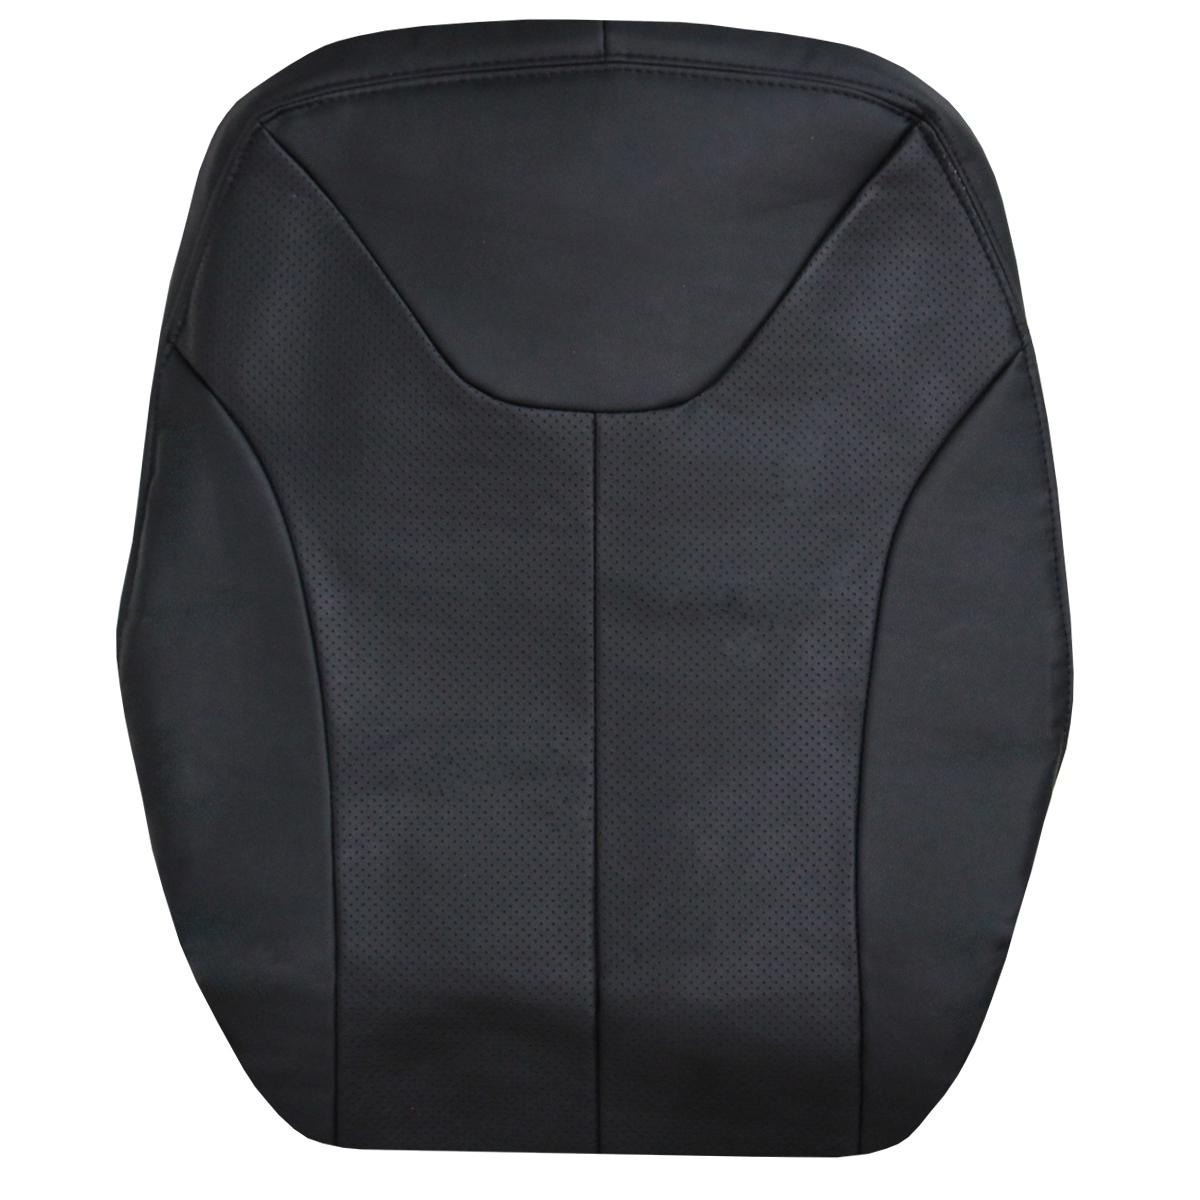 روکش صندلی خودرو مدل AZ051 مناسب برای جک جی 5